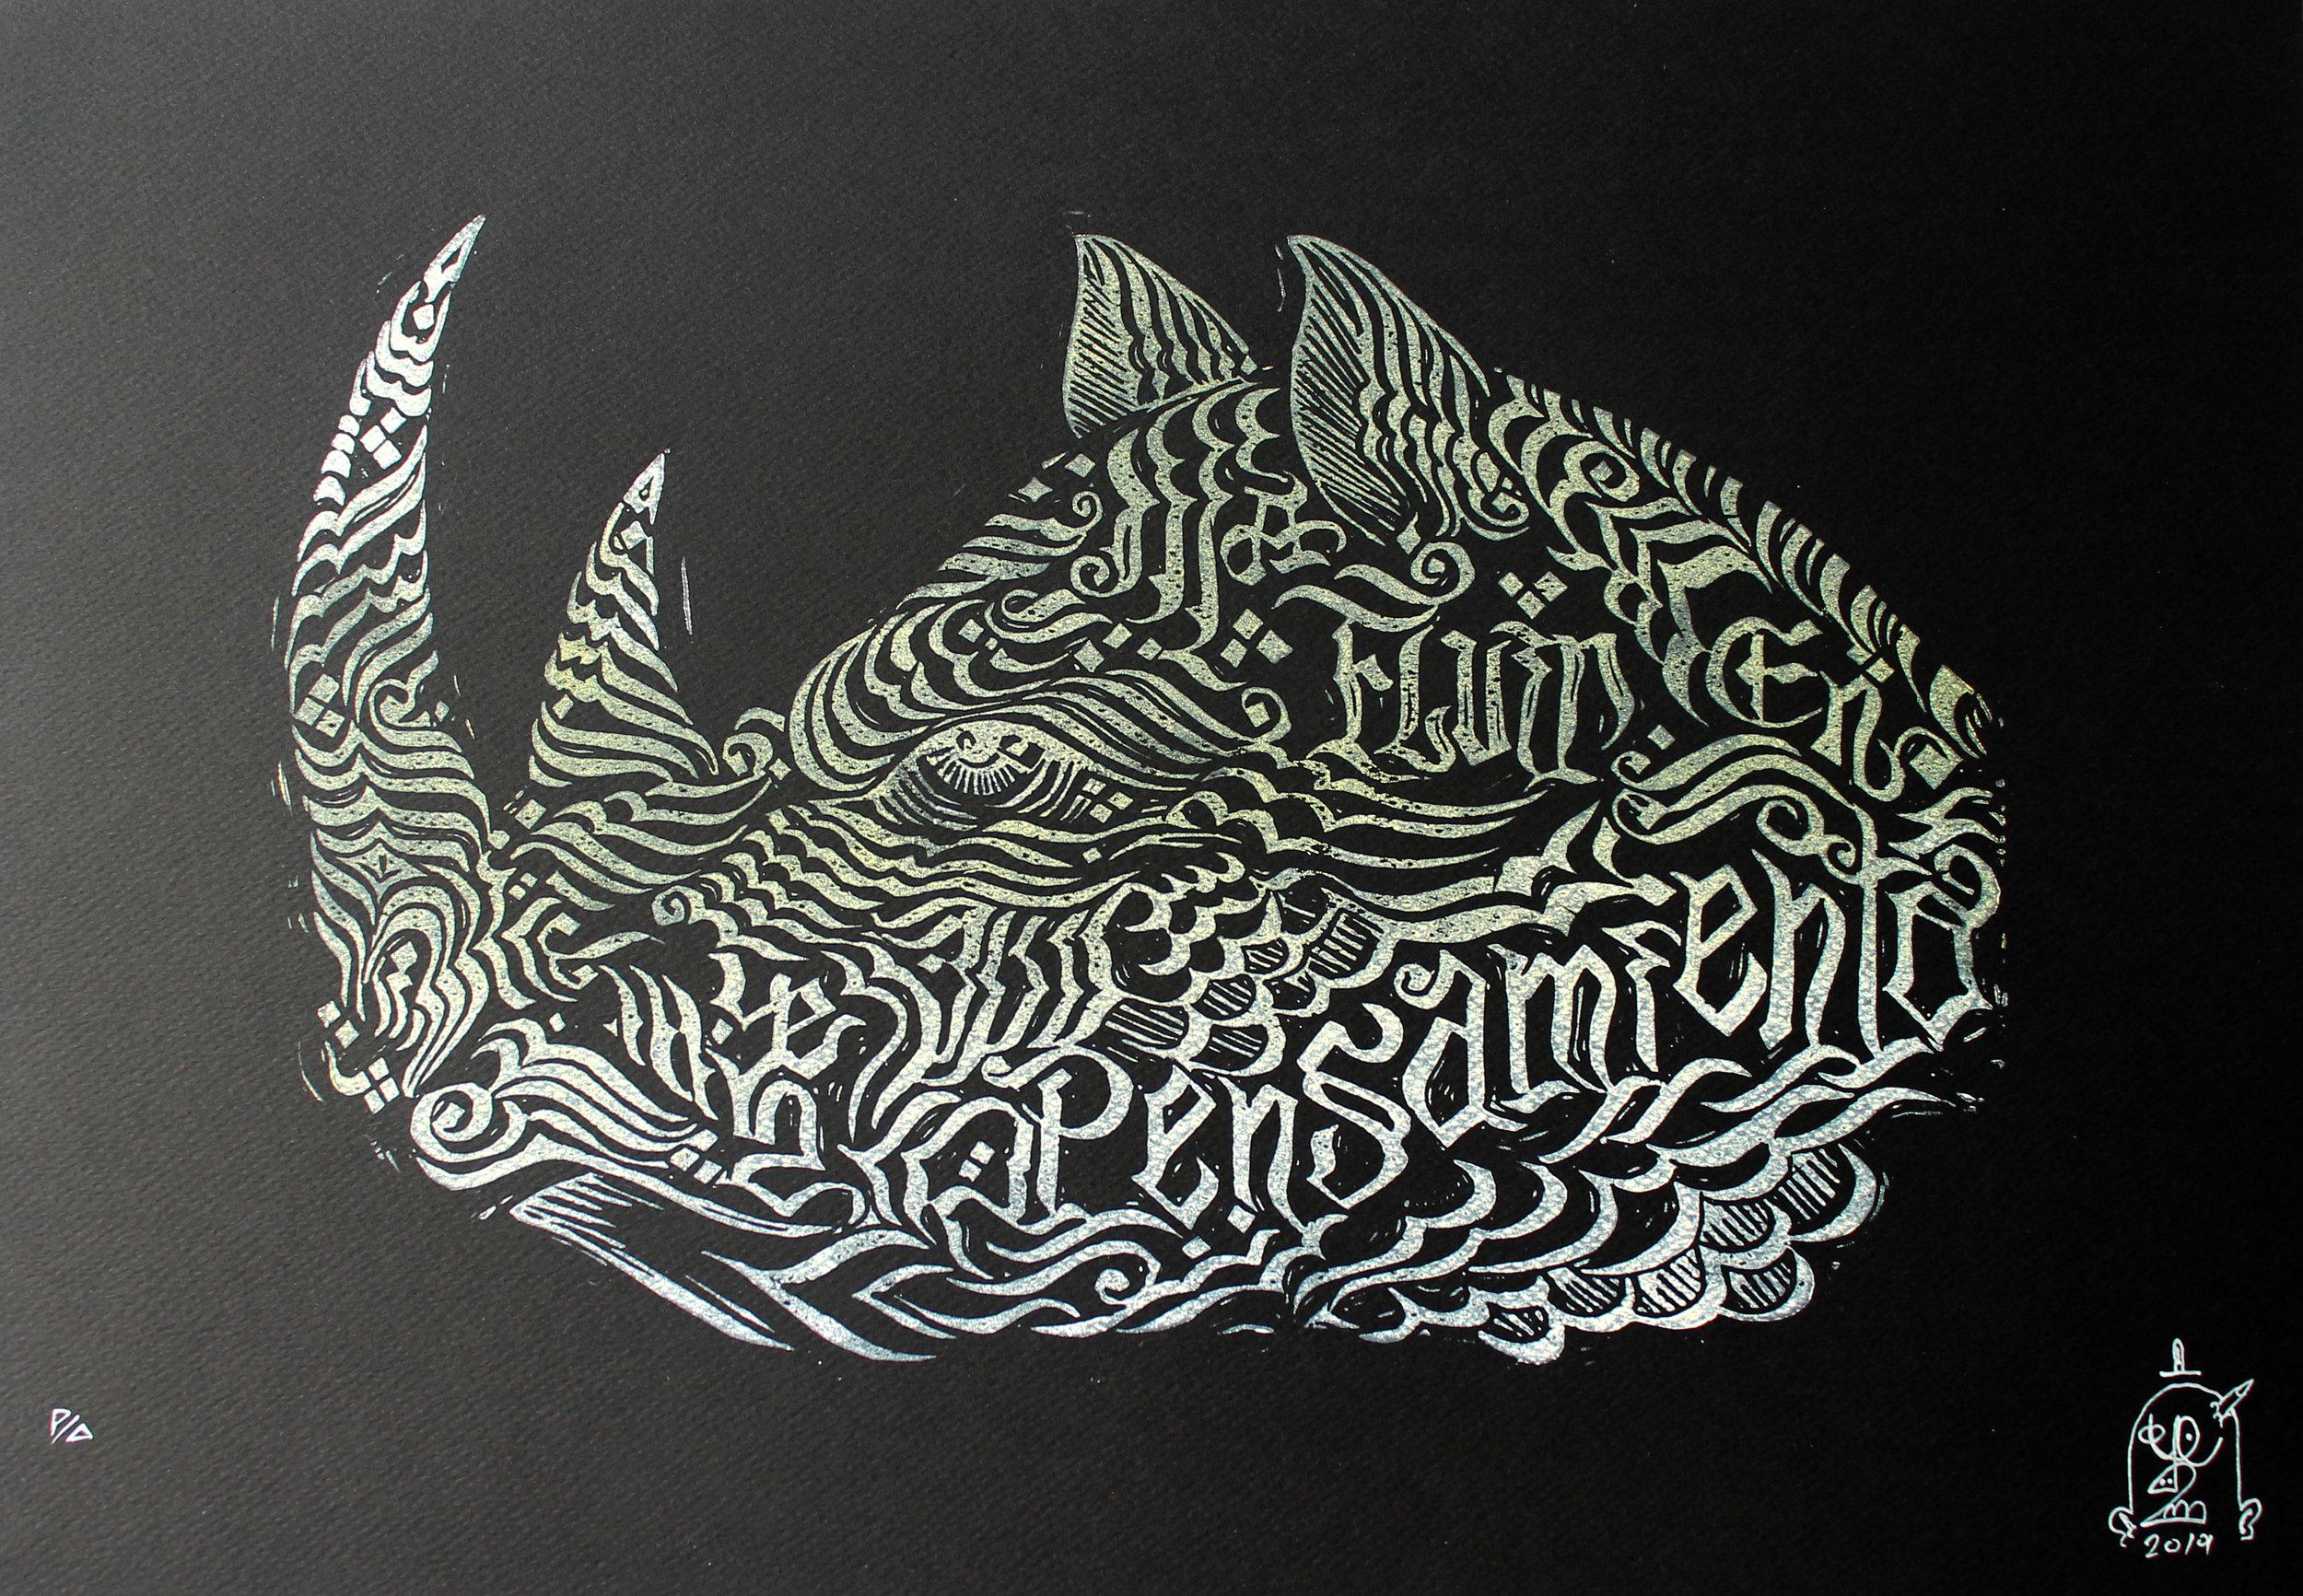 Rino (2017) - 52 x 33 cm - Grabado en linóleo sobre papel  P/A / Linoleum etching